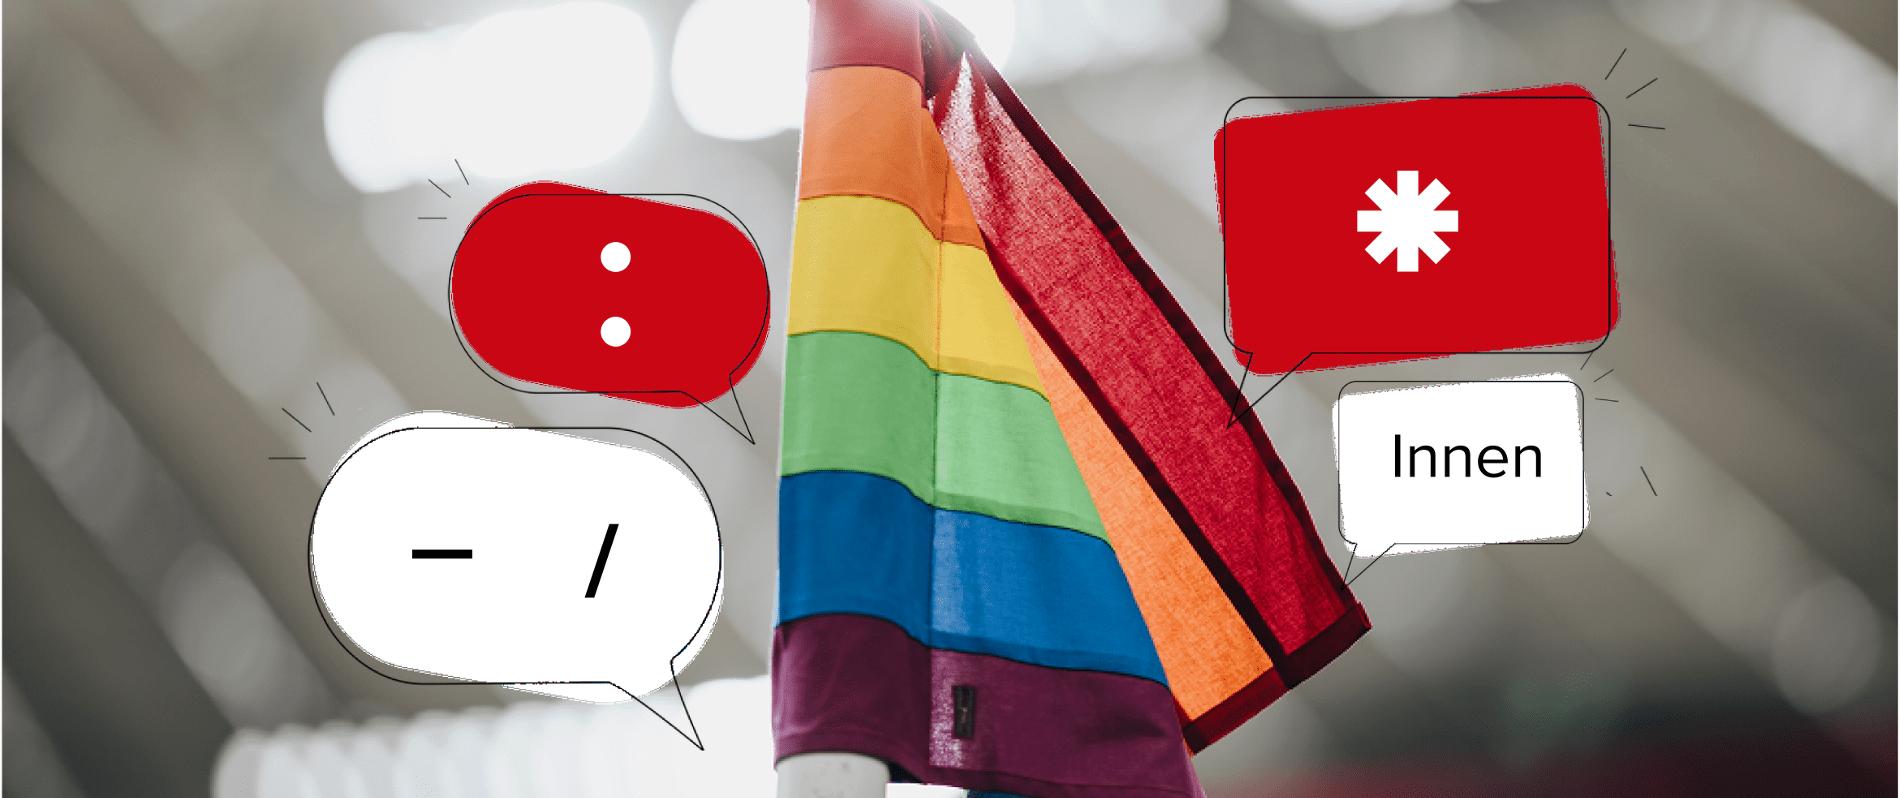 In der Mitte des Bildes steht eine Eckfahne im Regenbogen-Design. Diese wird von roten und weißen Sprechblasen eingerahmt. In den Blasen sind die verschiedenen Genderzeichen abgebildet.